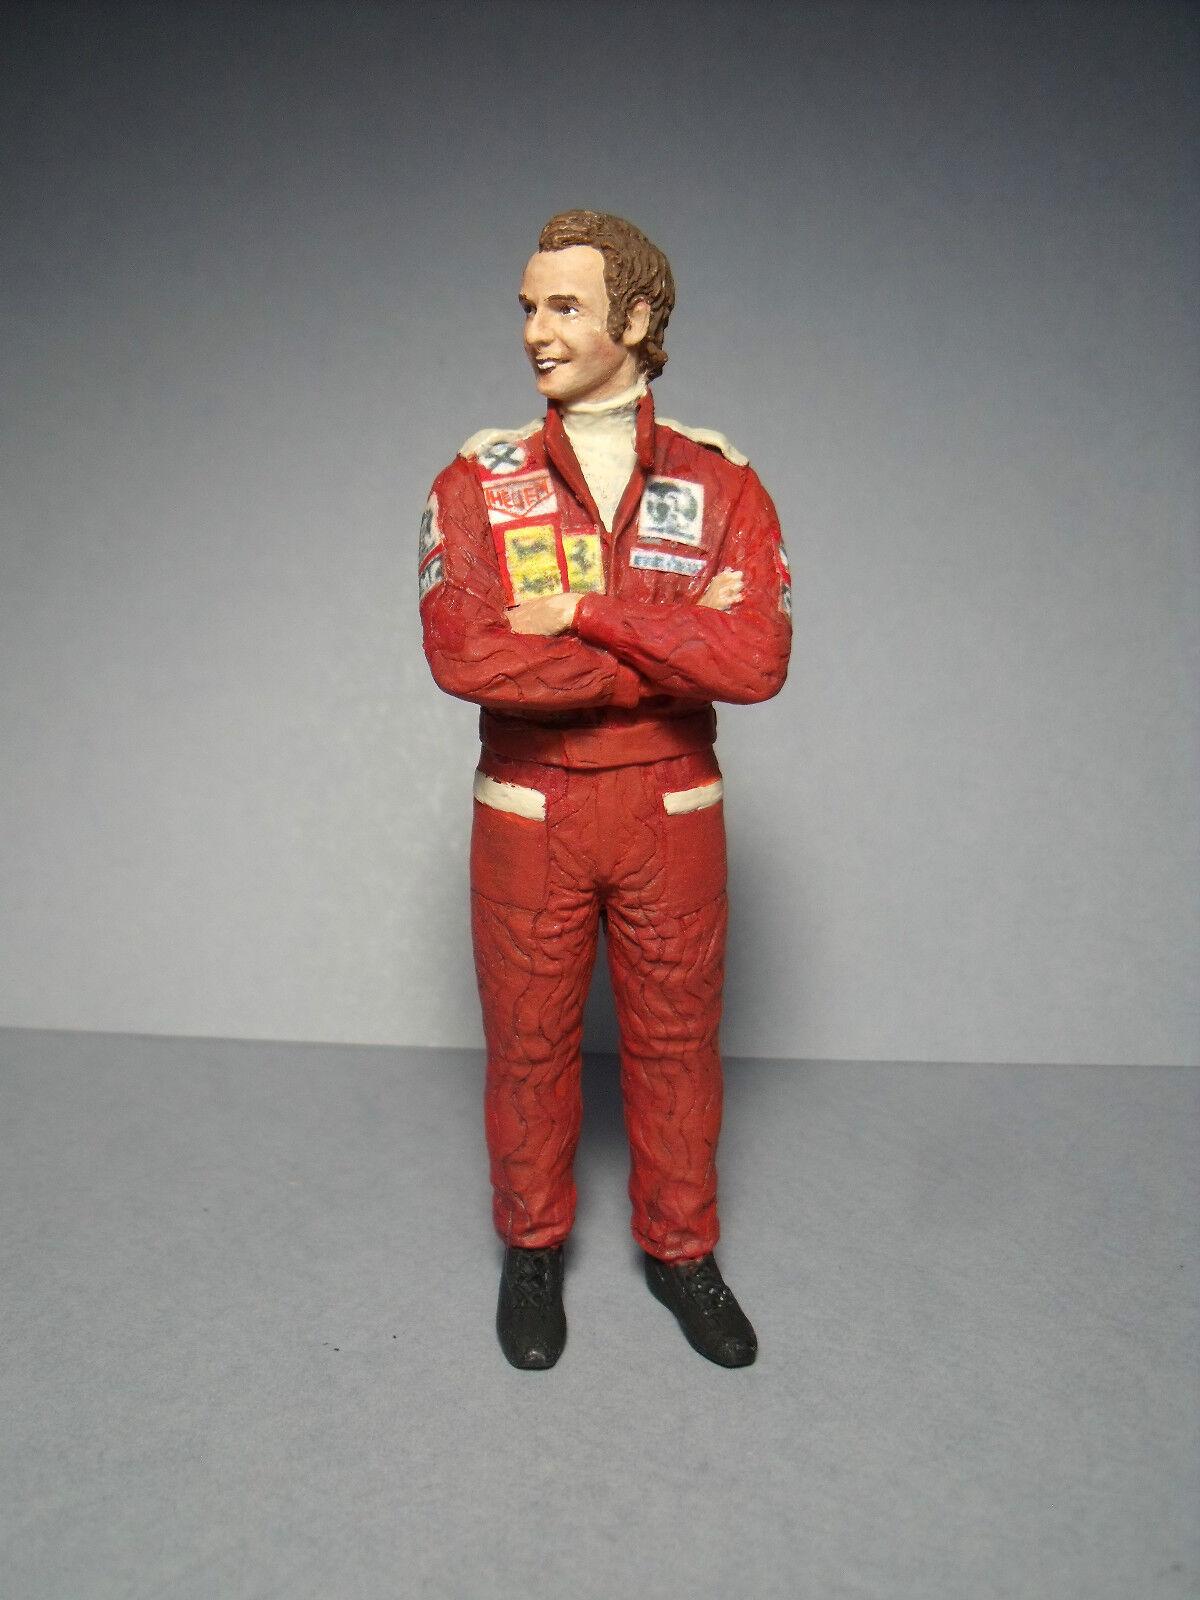 Niki Lauda 1  18 peintes personnage de VROOM pour FERRARI 312 T Brabham f1  authentique en ligne